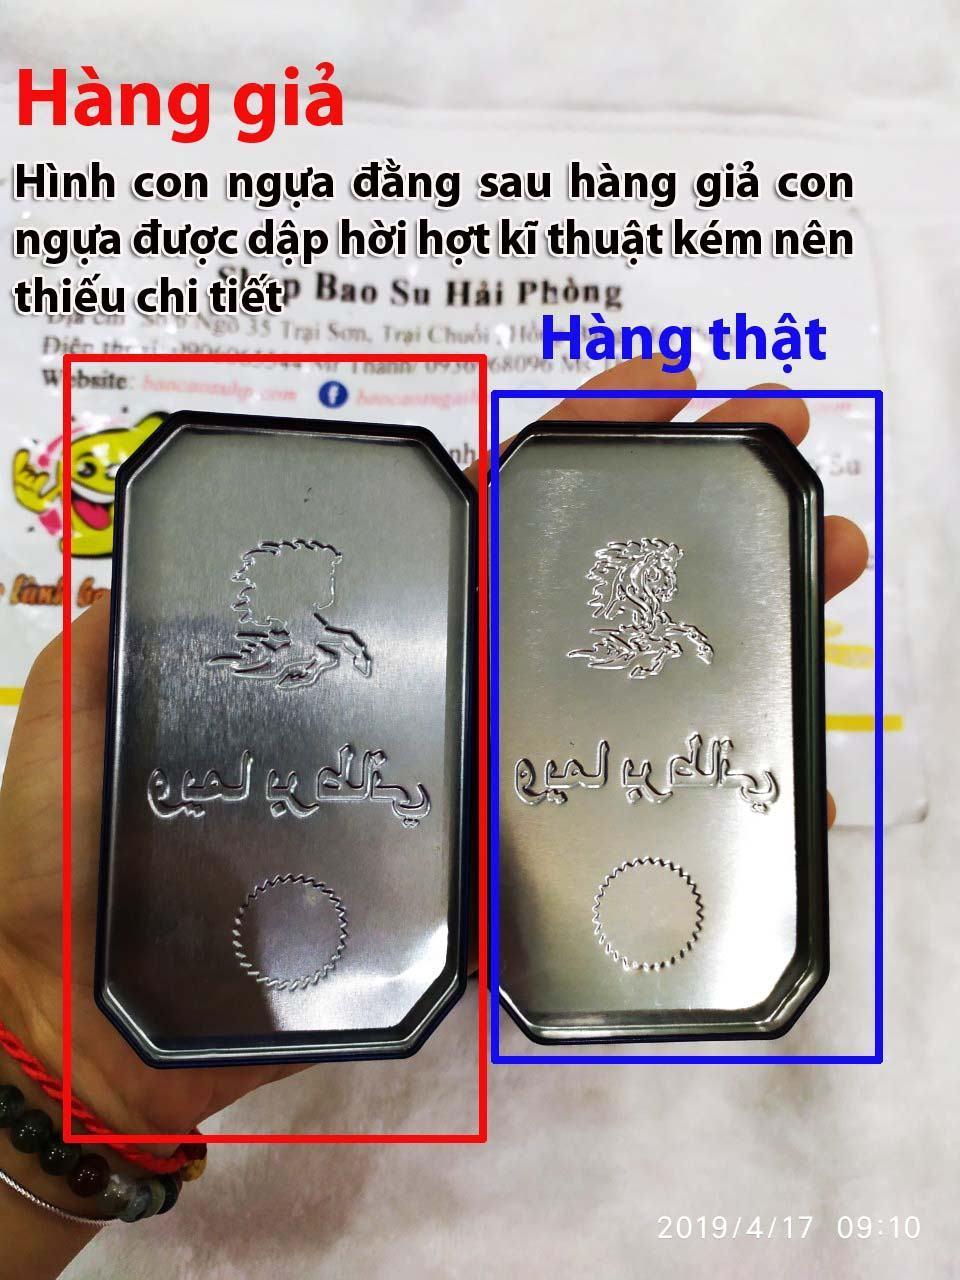 20190417151440 8521960 cach phan biet thuoc cuong duong ngua thai that gia 3 - Thuốc Cường Dương Ngựa Thái 7000 Tăng Cường Sinh Lực